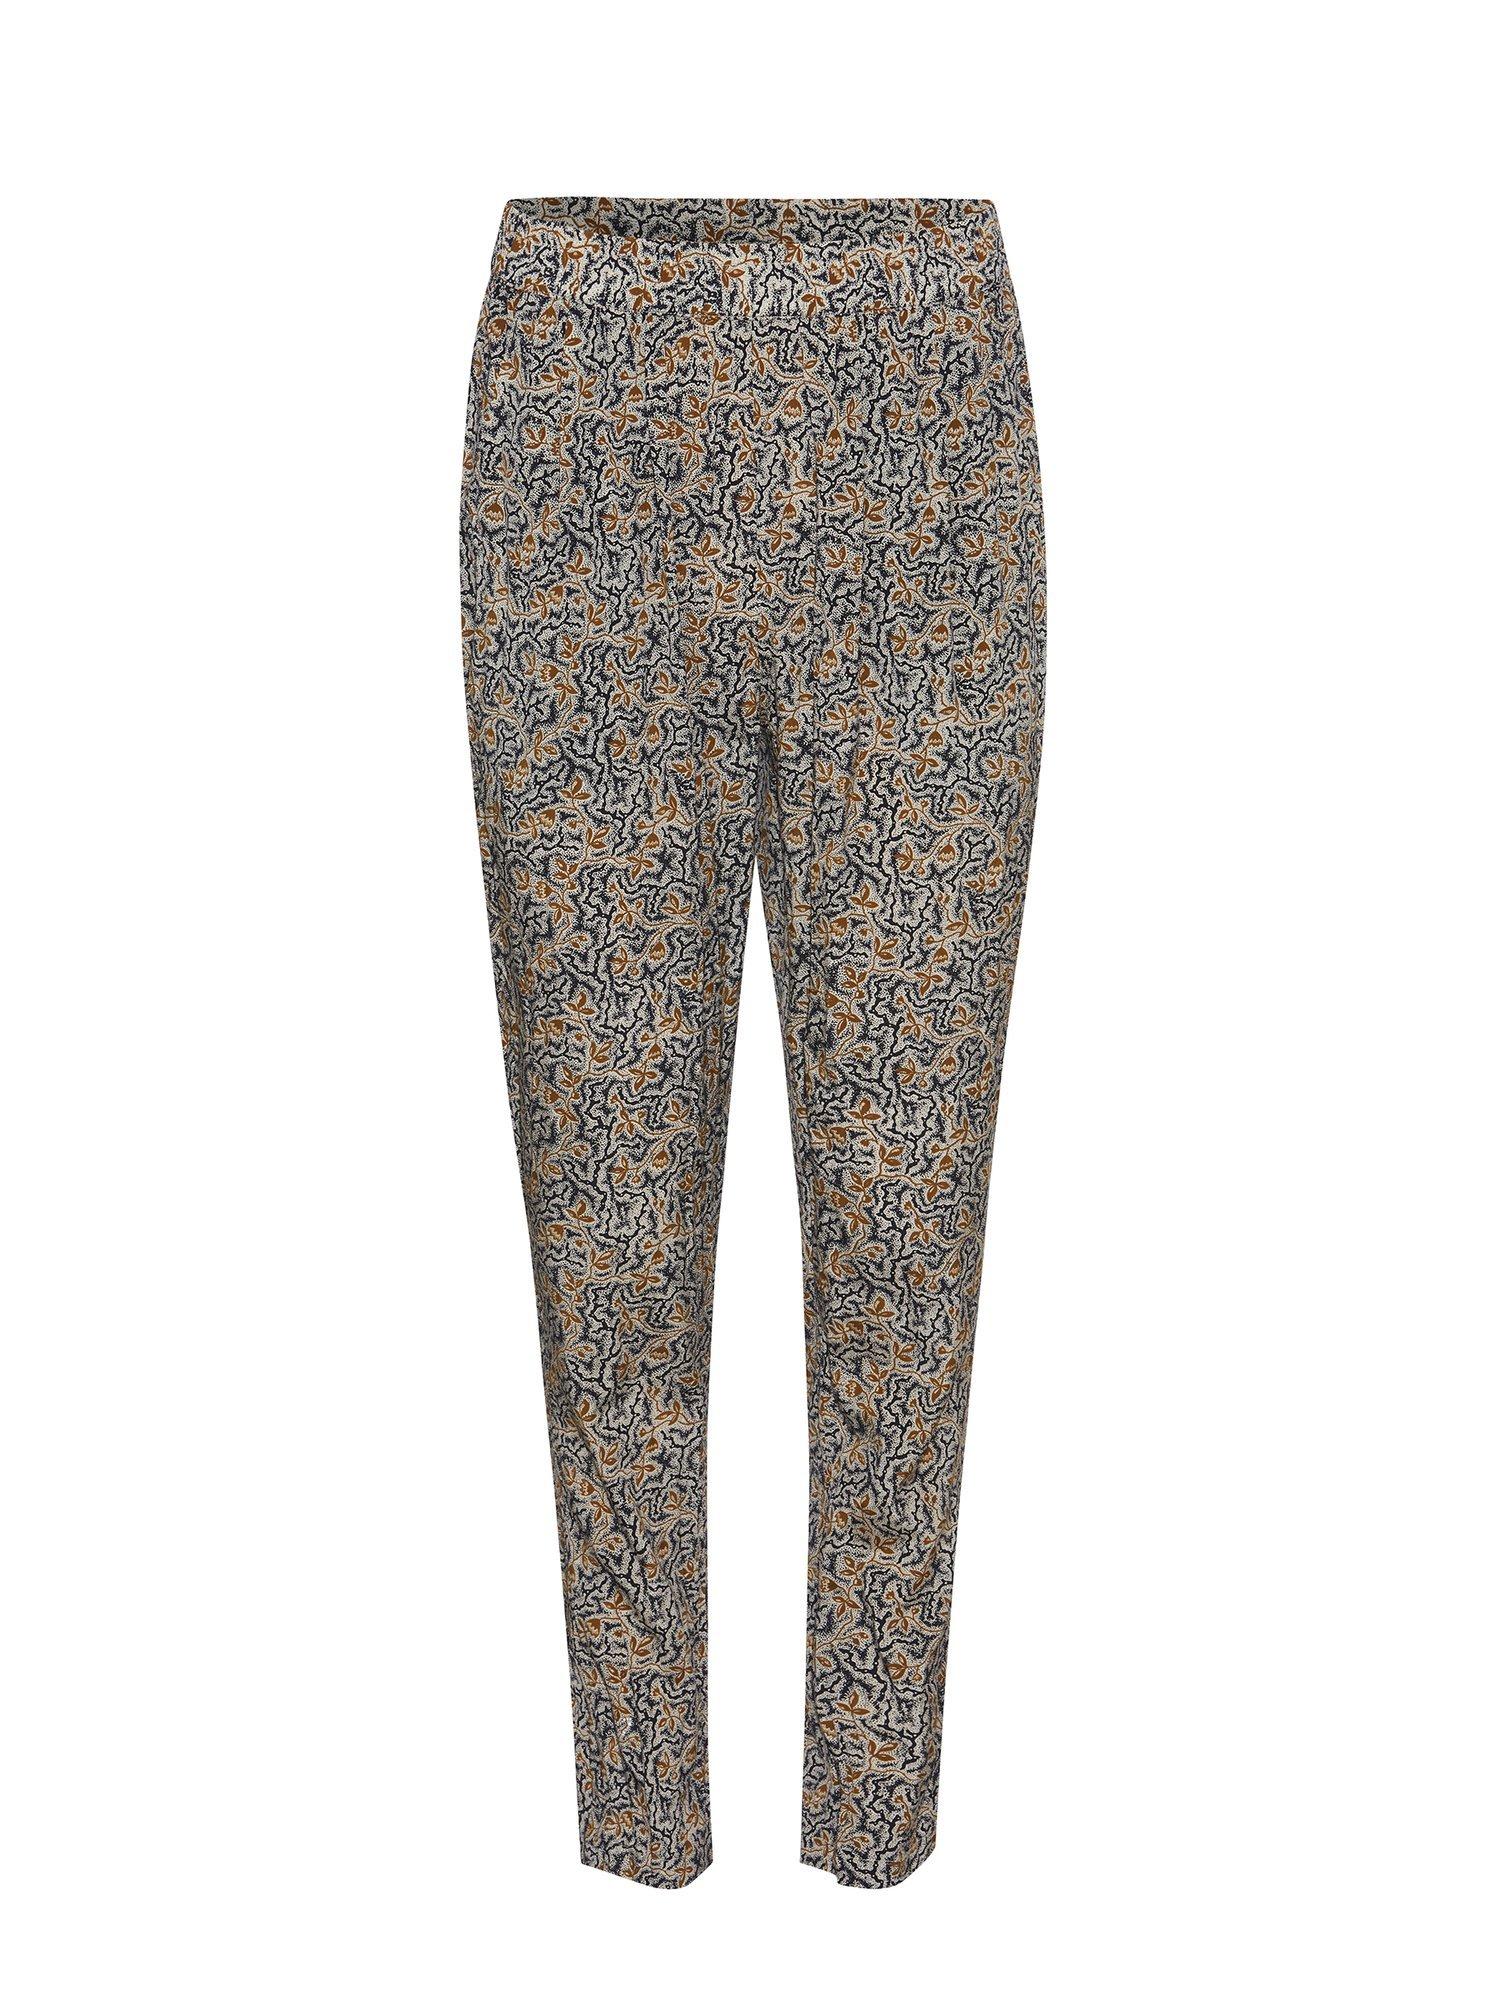 Heartmade/Julie Fagerholt Novo HM pants - 625